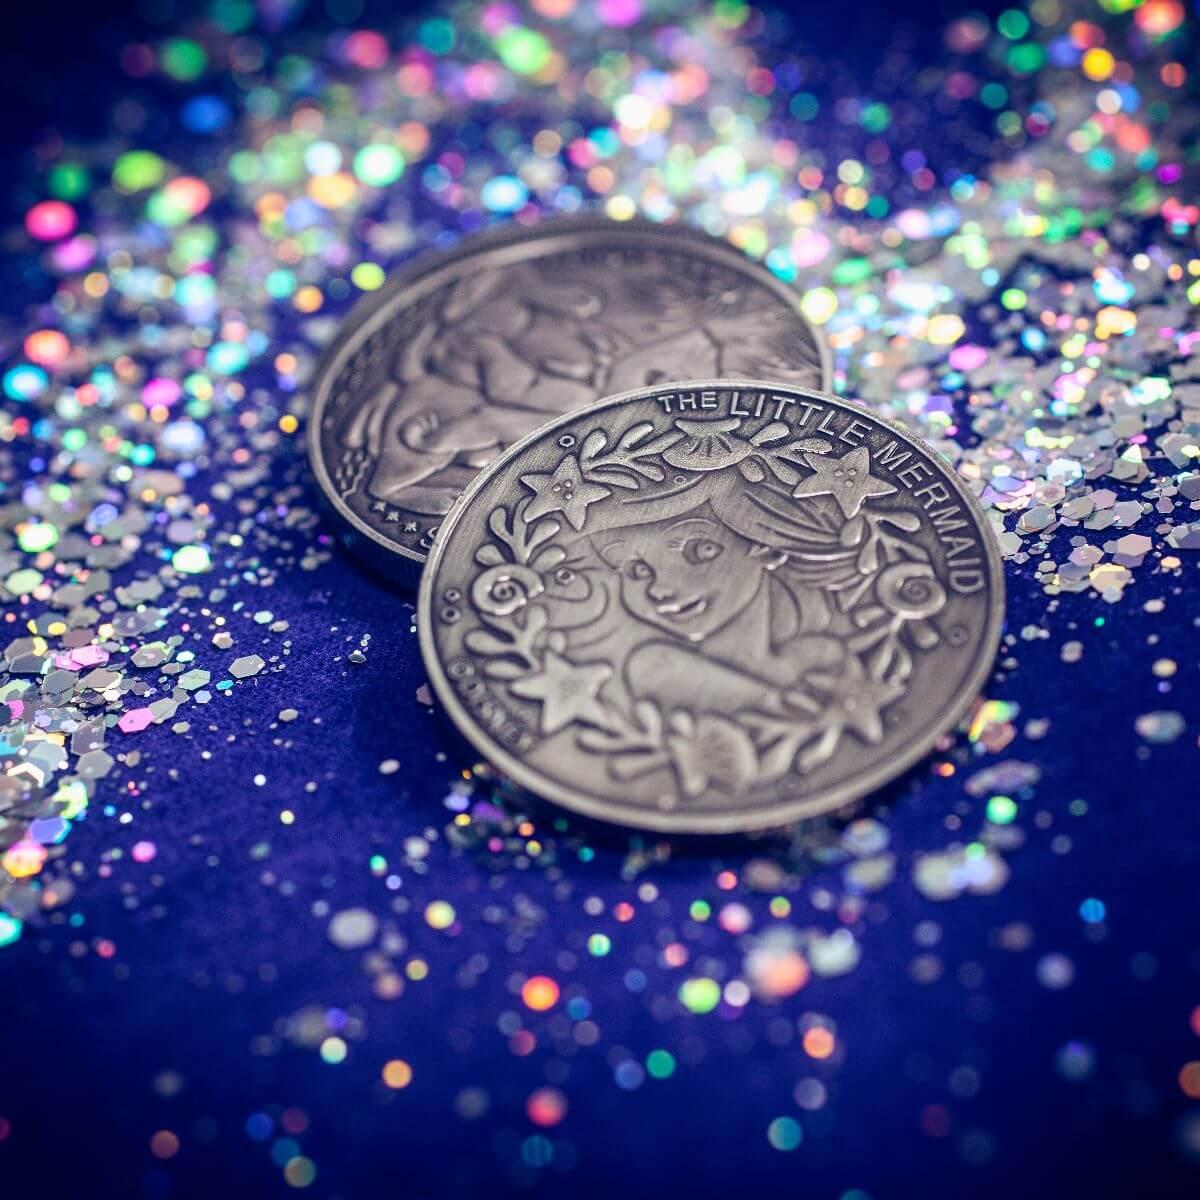 Disney collectable coins